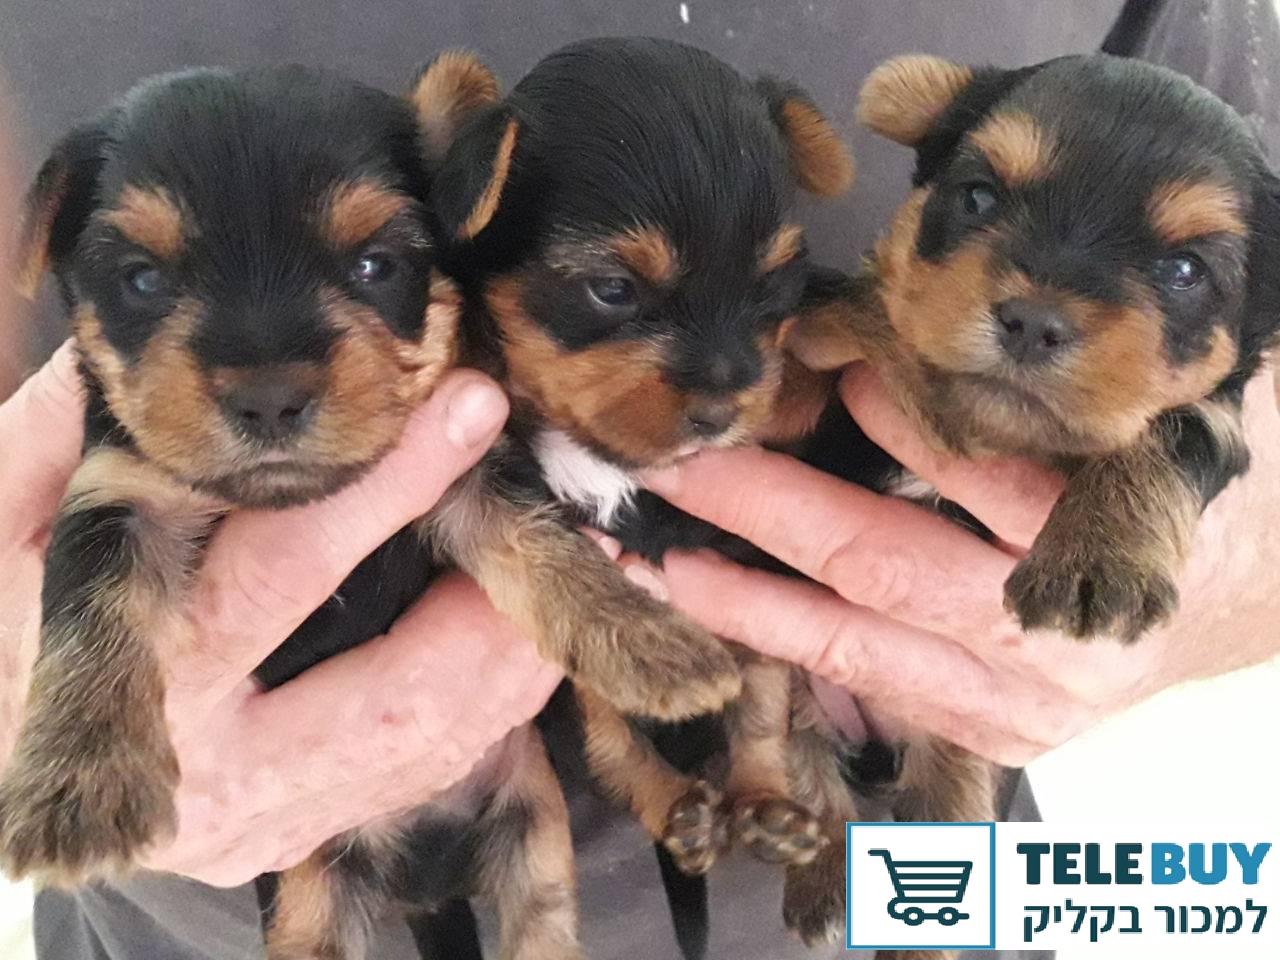 כלבים יורקשייר טרייר בקריות